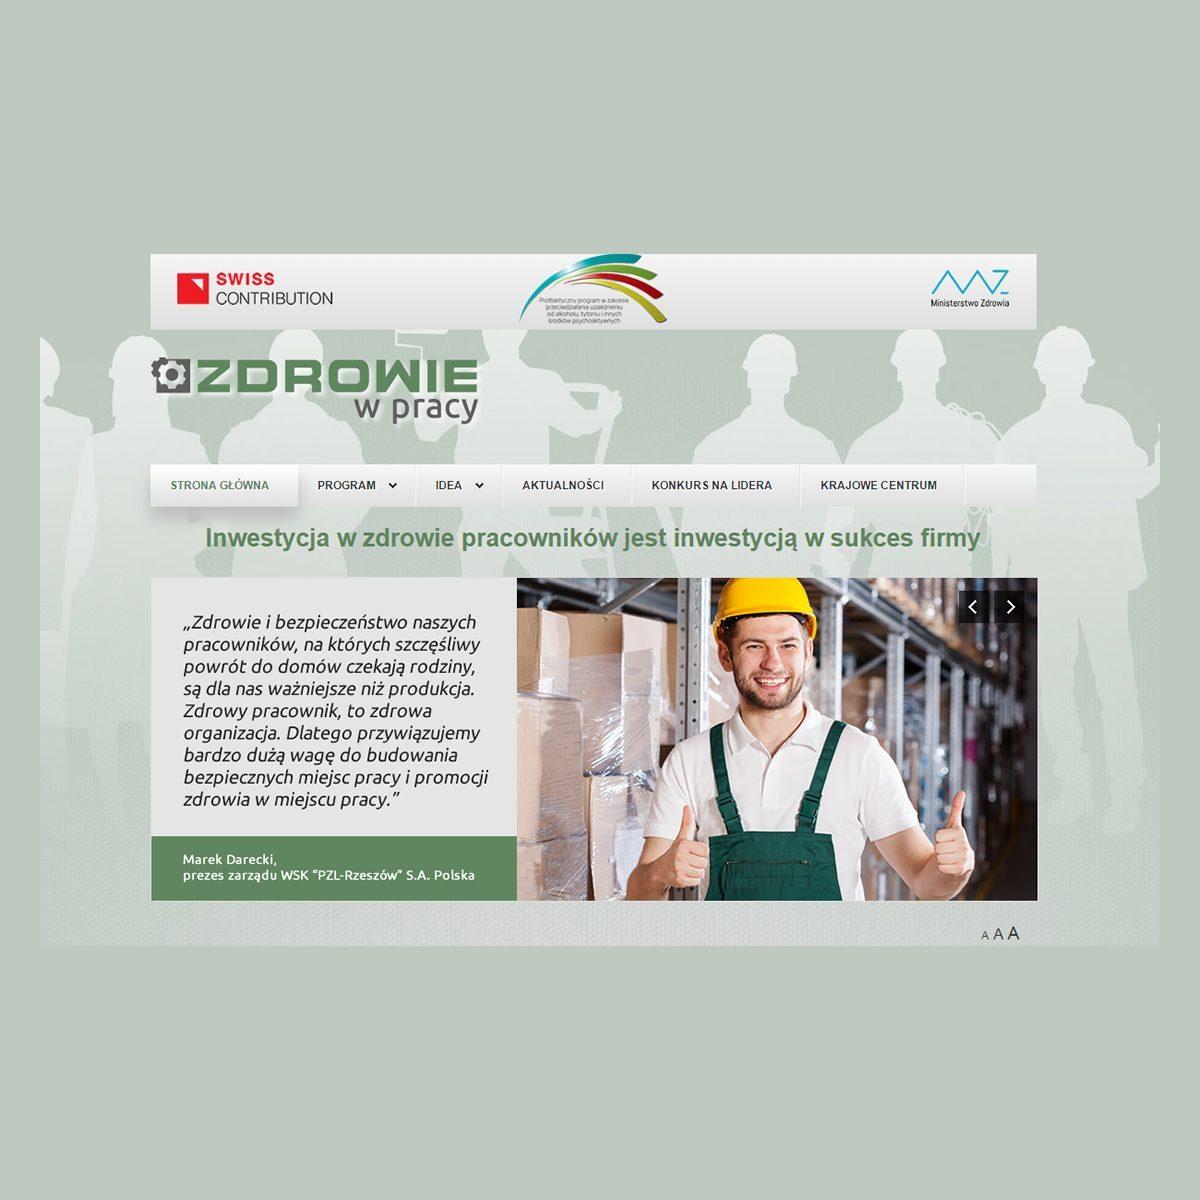 stronka_pracodawcy-9447349-6008124